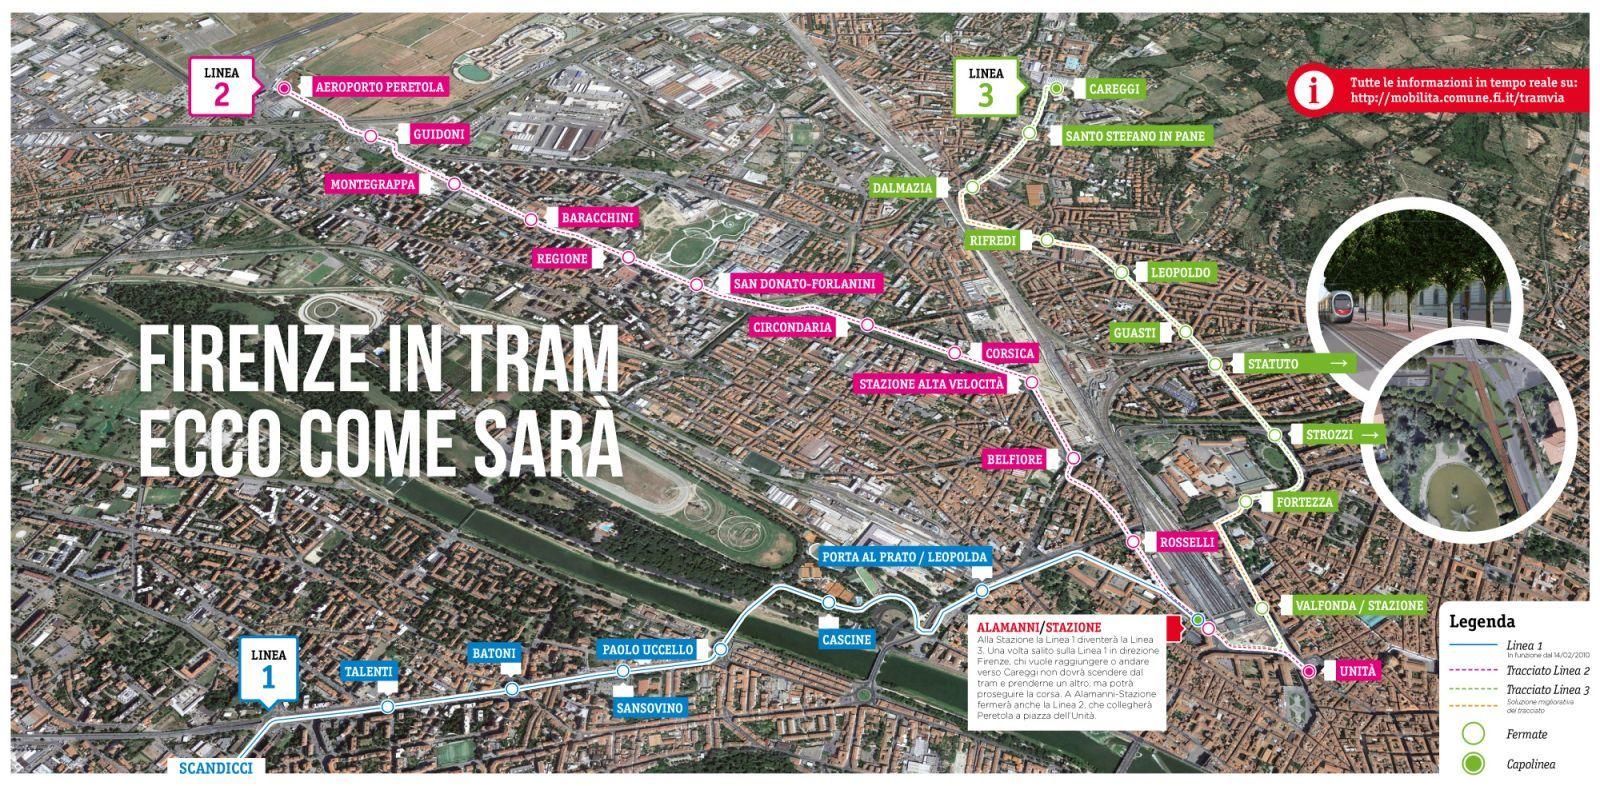 フィレンツェの新しいトラム路線と日本の技術_a0136671_03095885.jpg